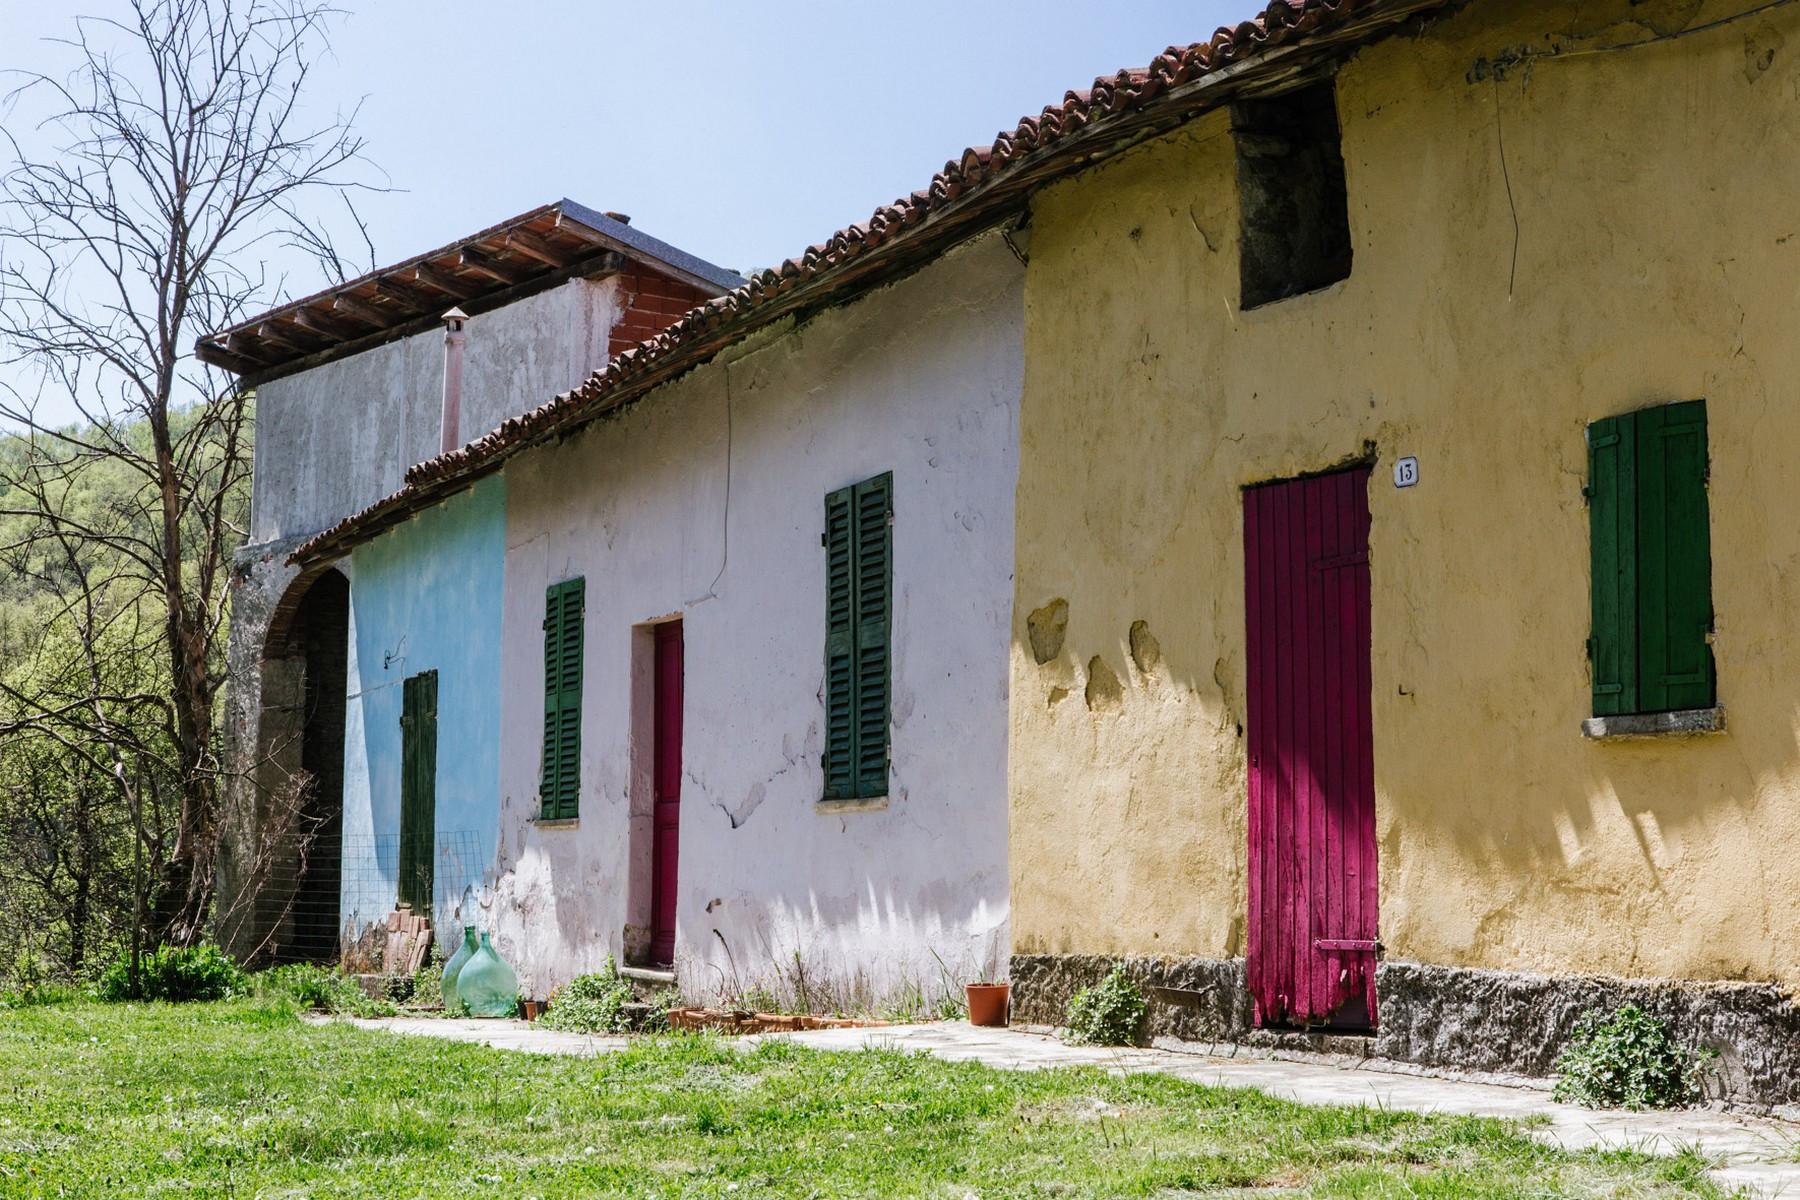 Rustico in Vendita a Malvicino: 5 locali, 320 mq - Foto 19